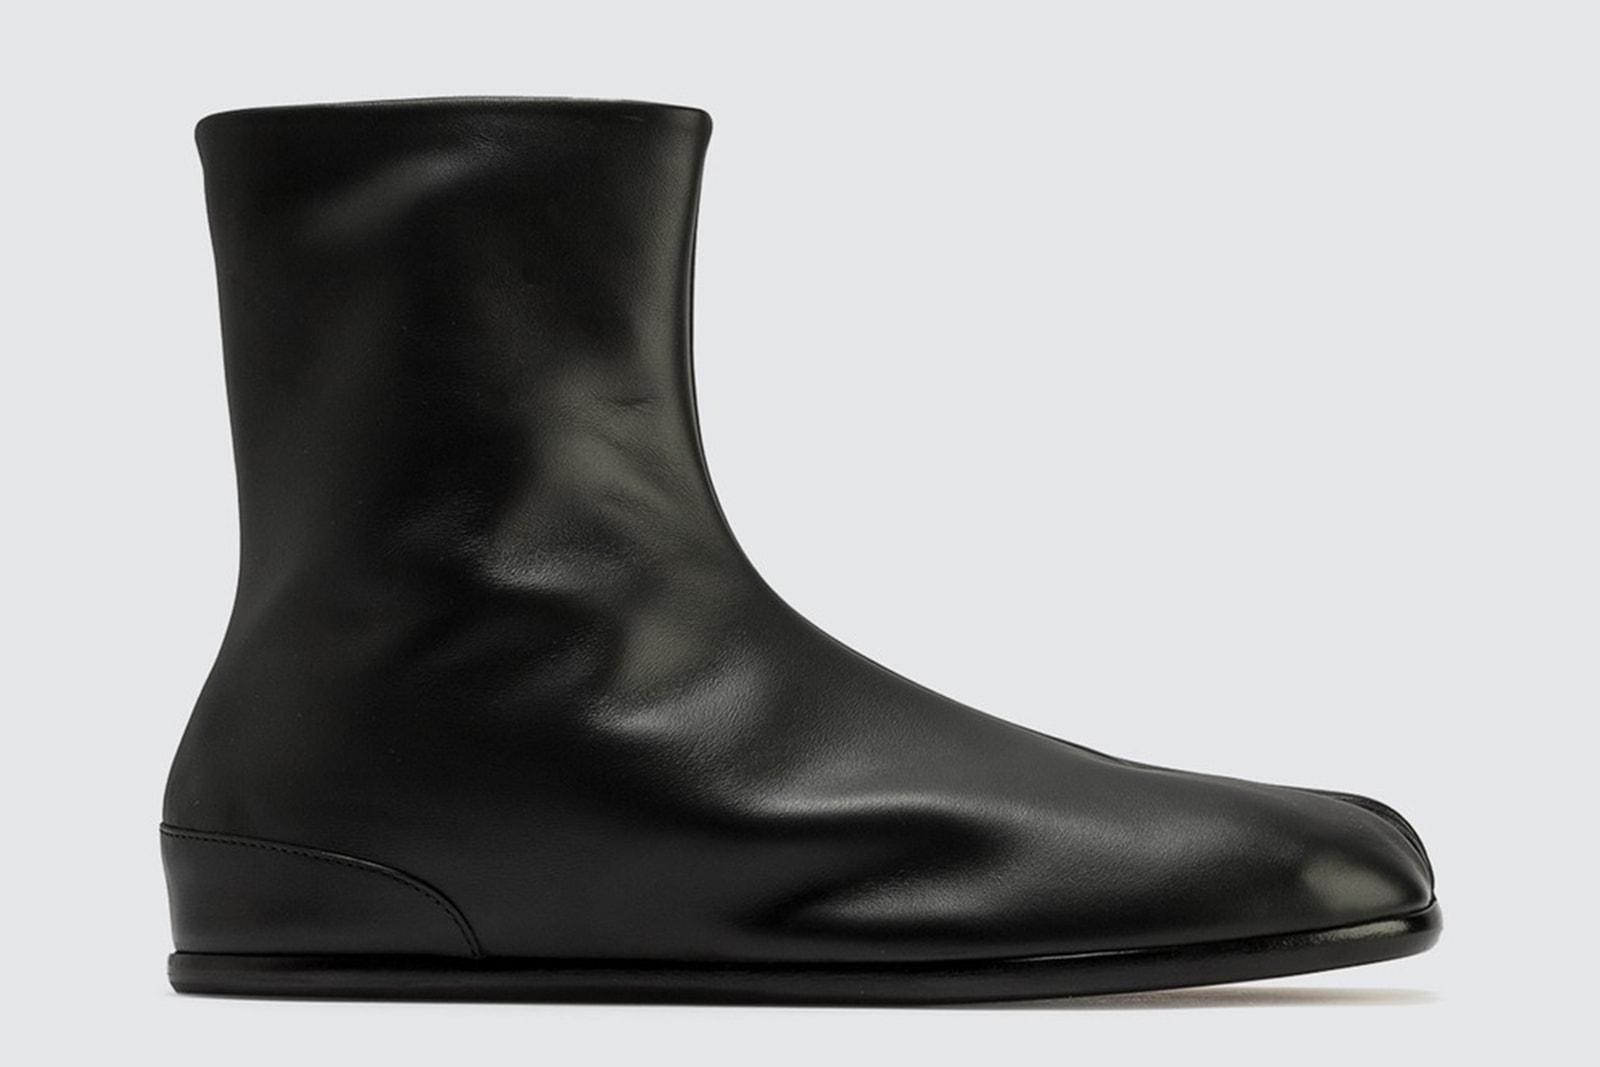 本日嚴選 8 款「靴款」入手推介